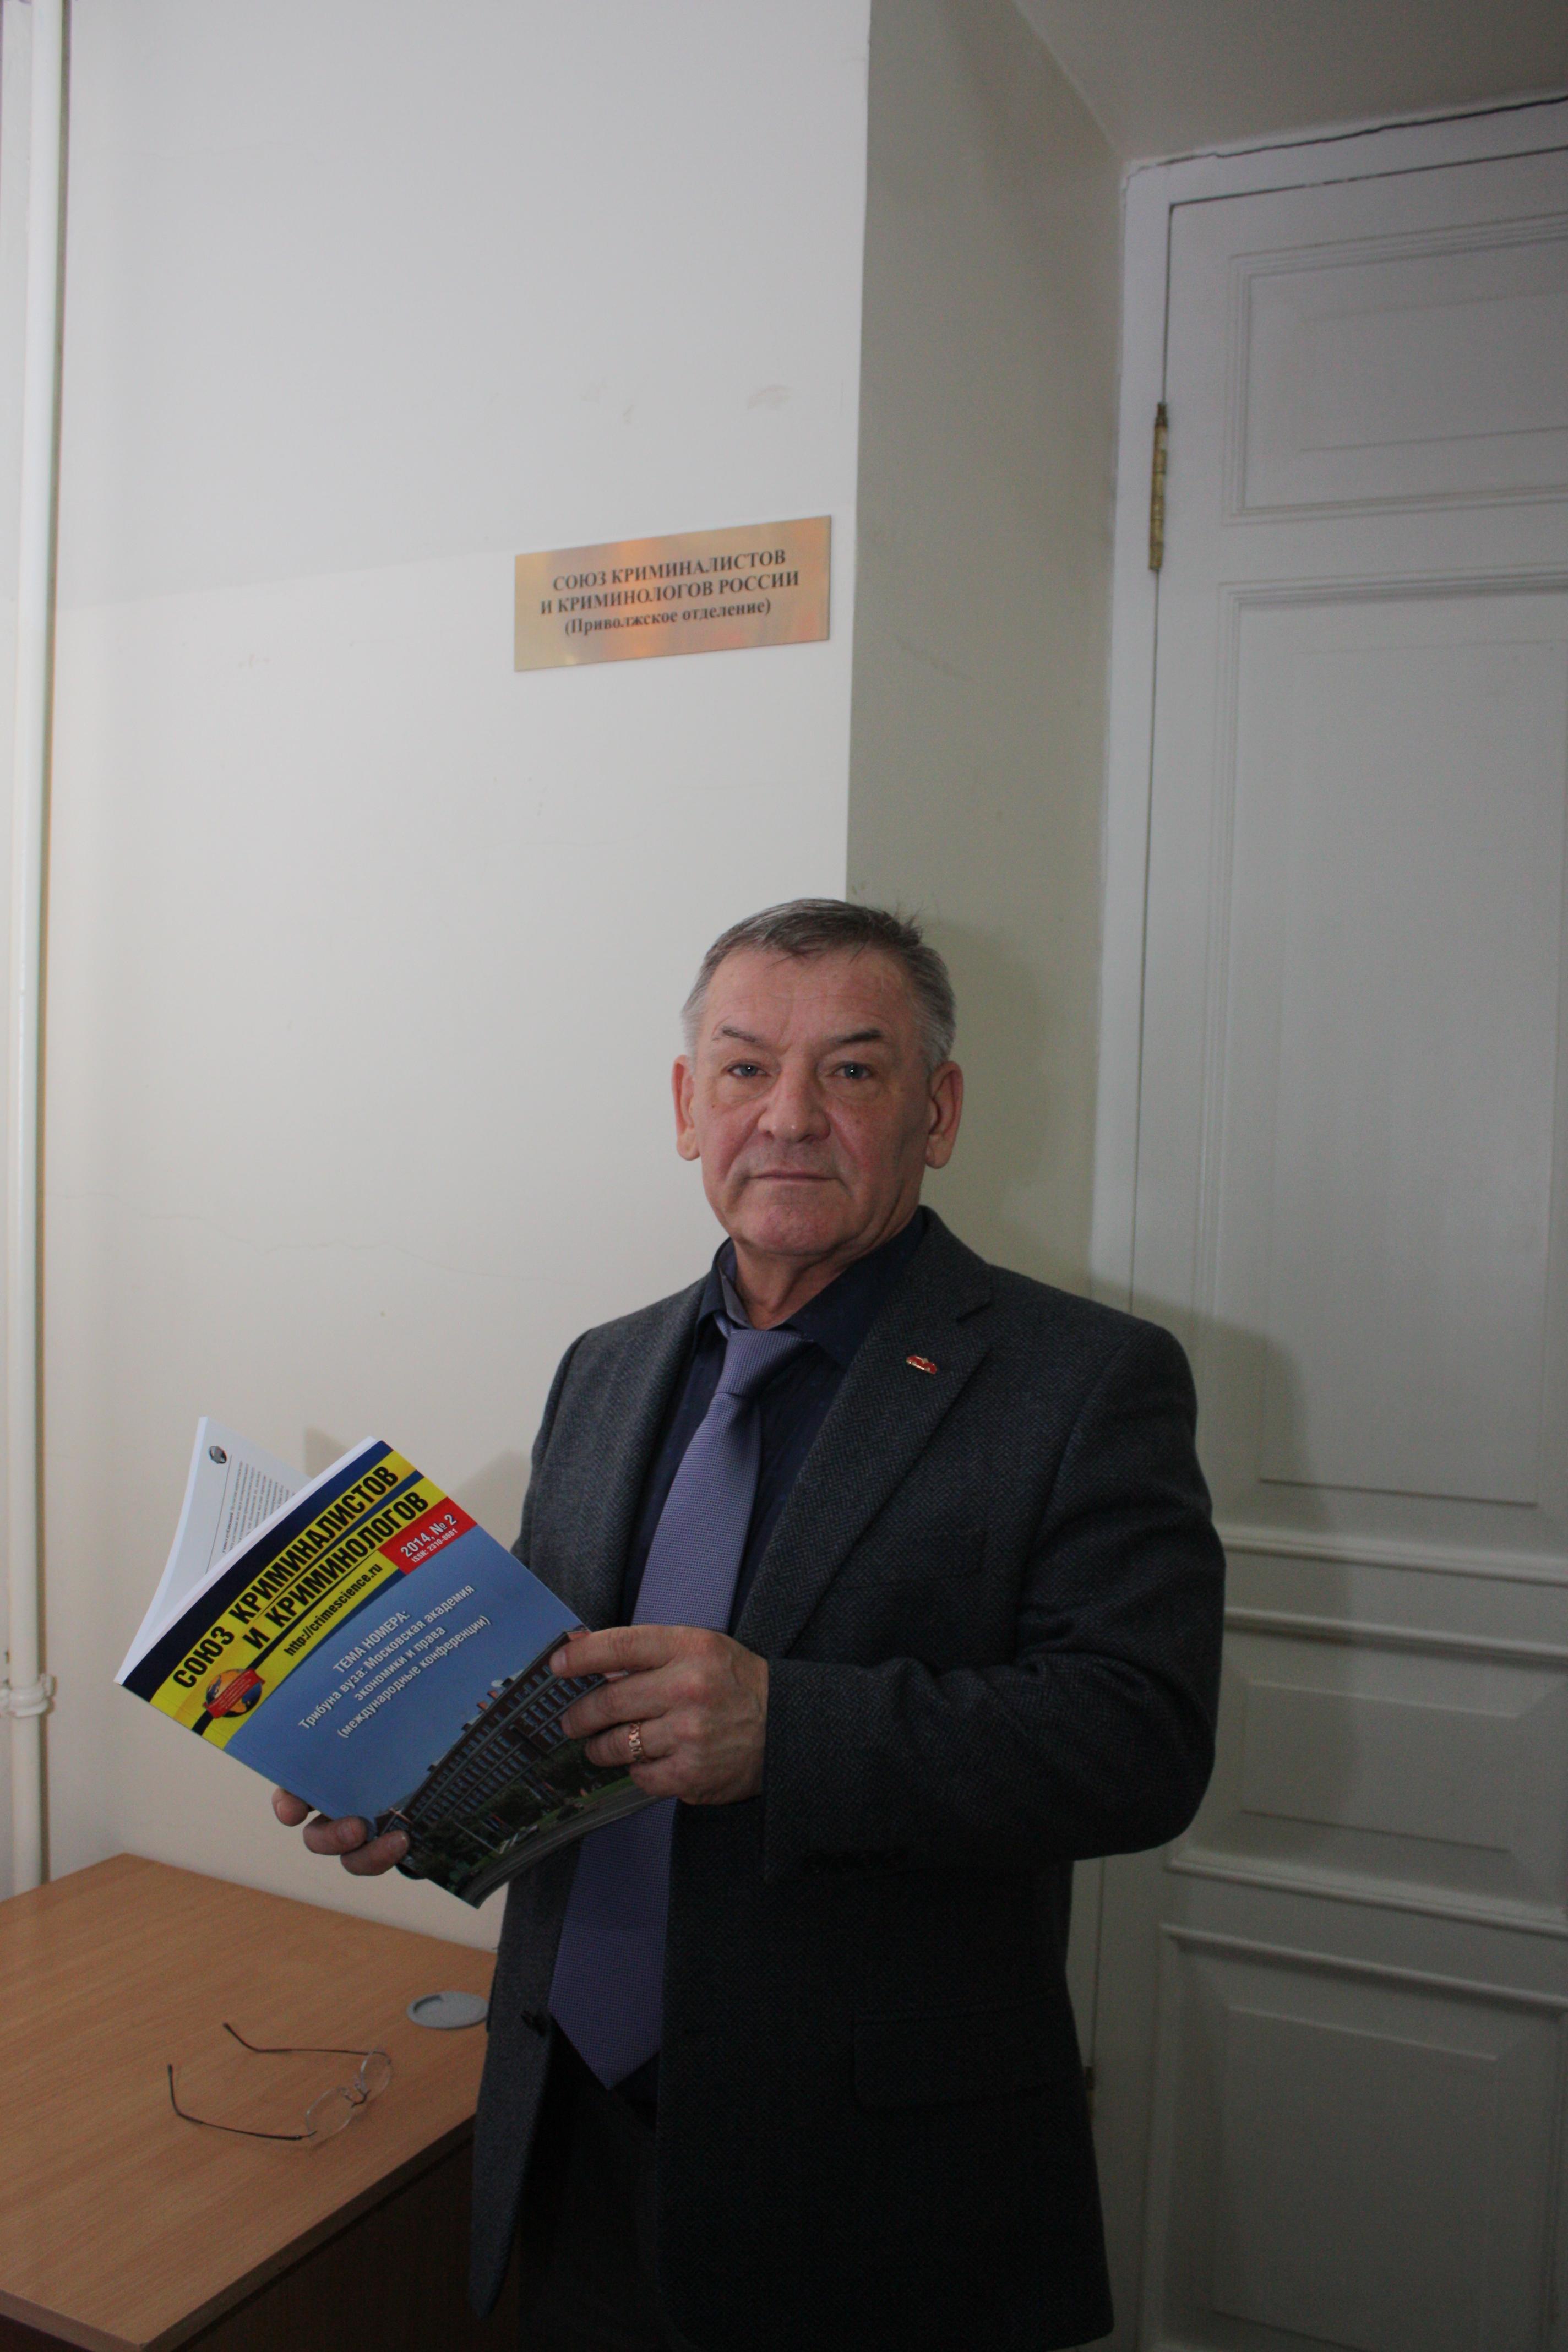 Криминолог и специалист уголовно-исполнительного права Халилов Рафик Нуруллович